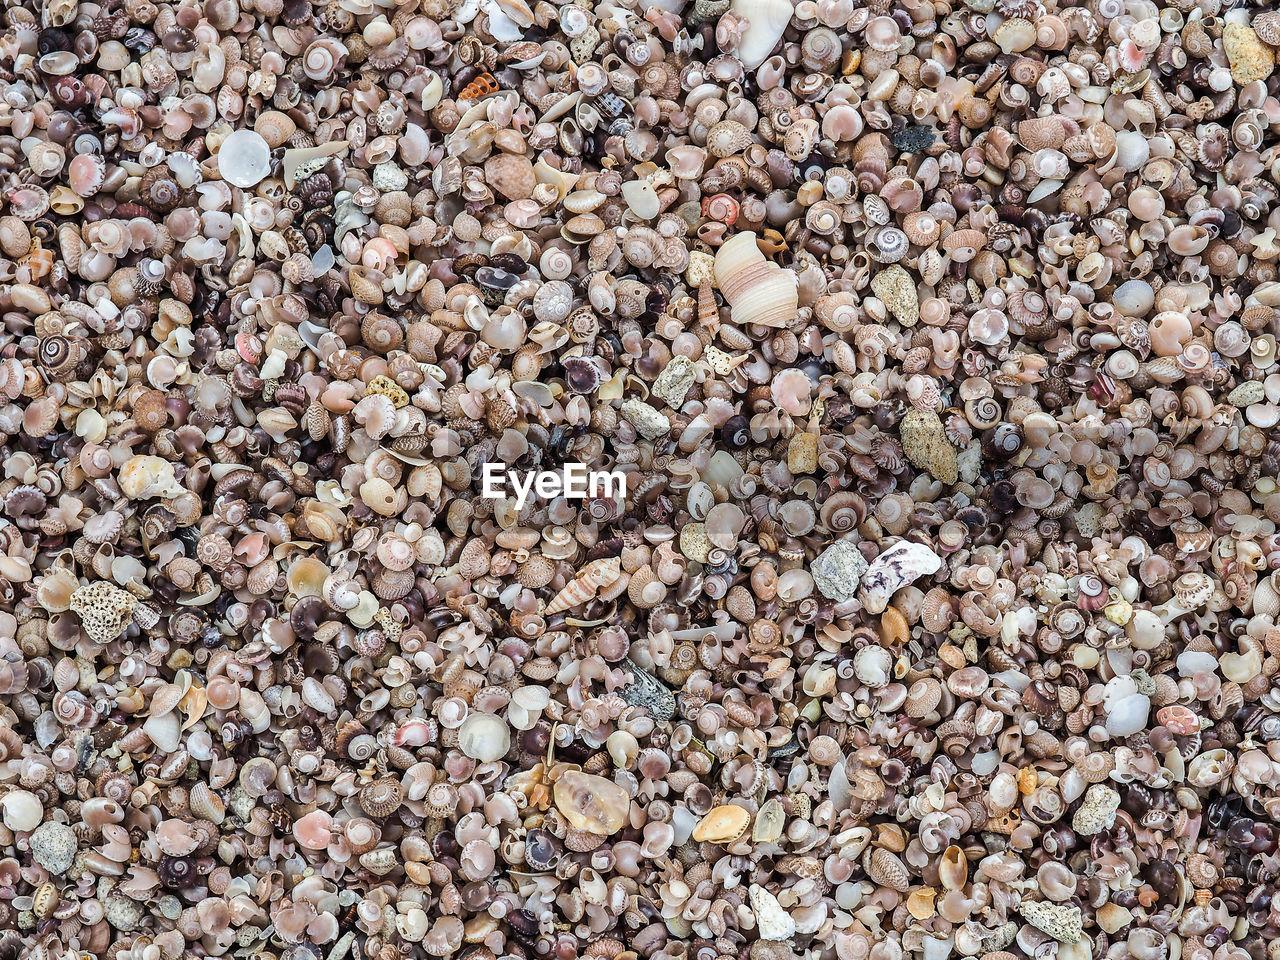 Full Frame Image Of Sea Shells